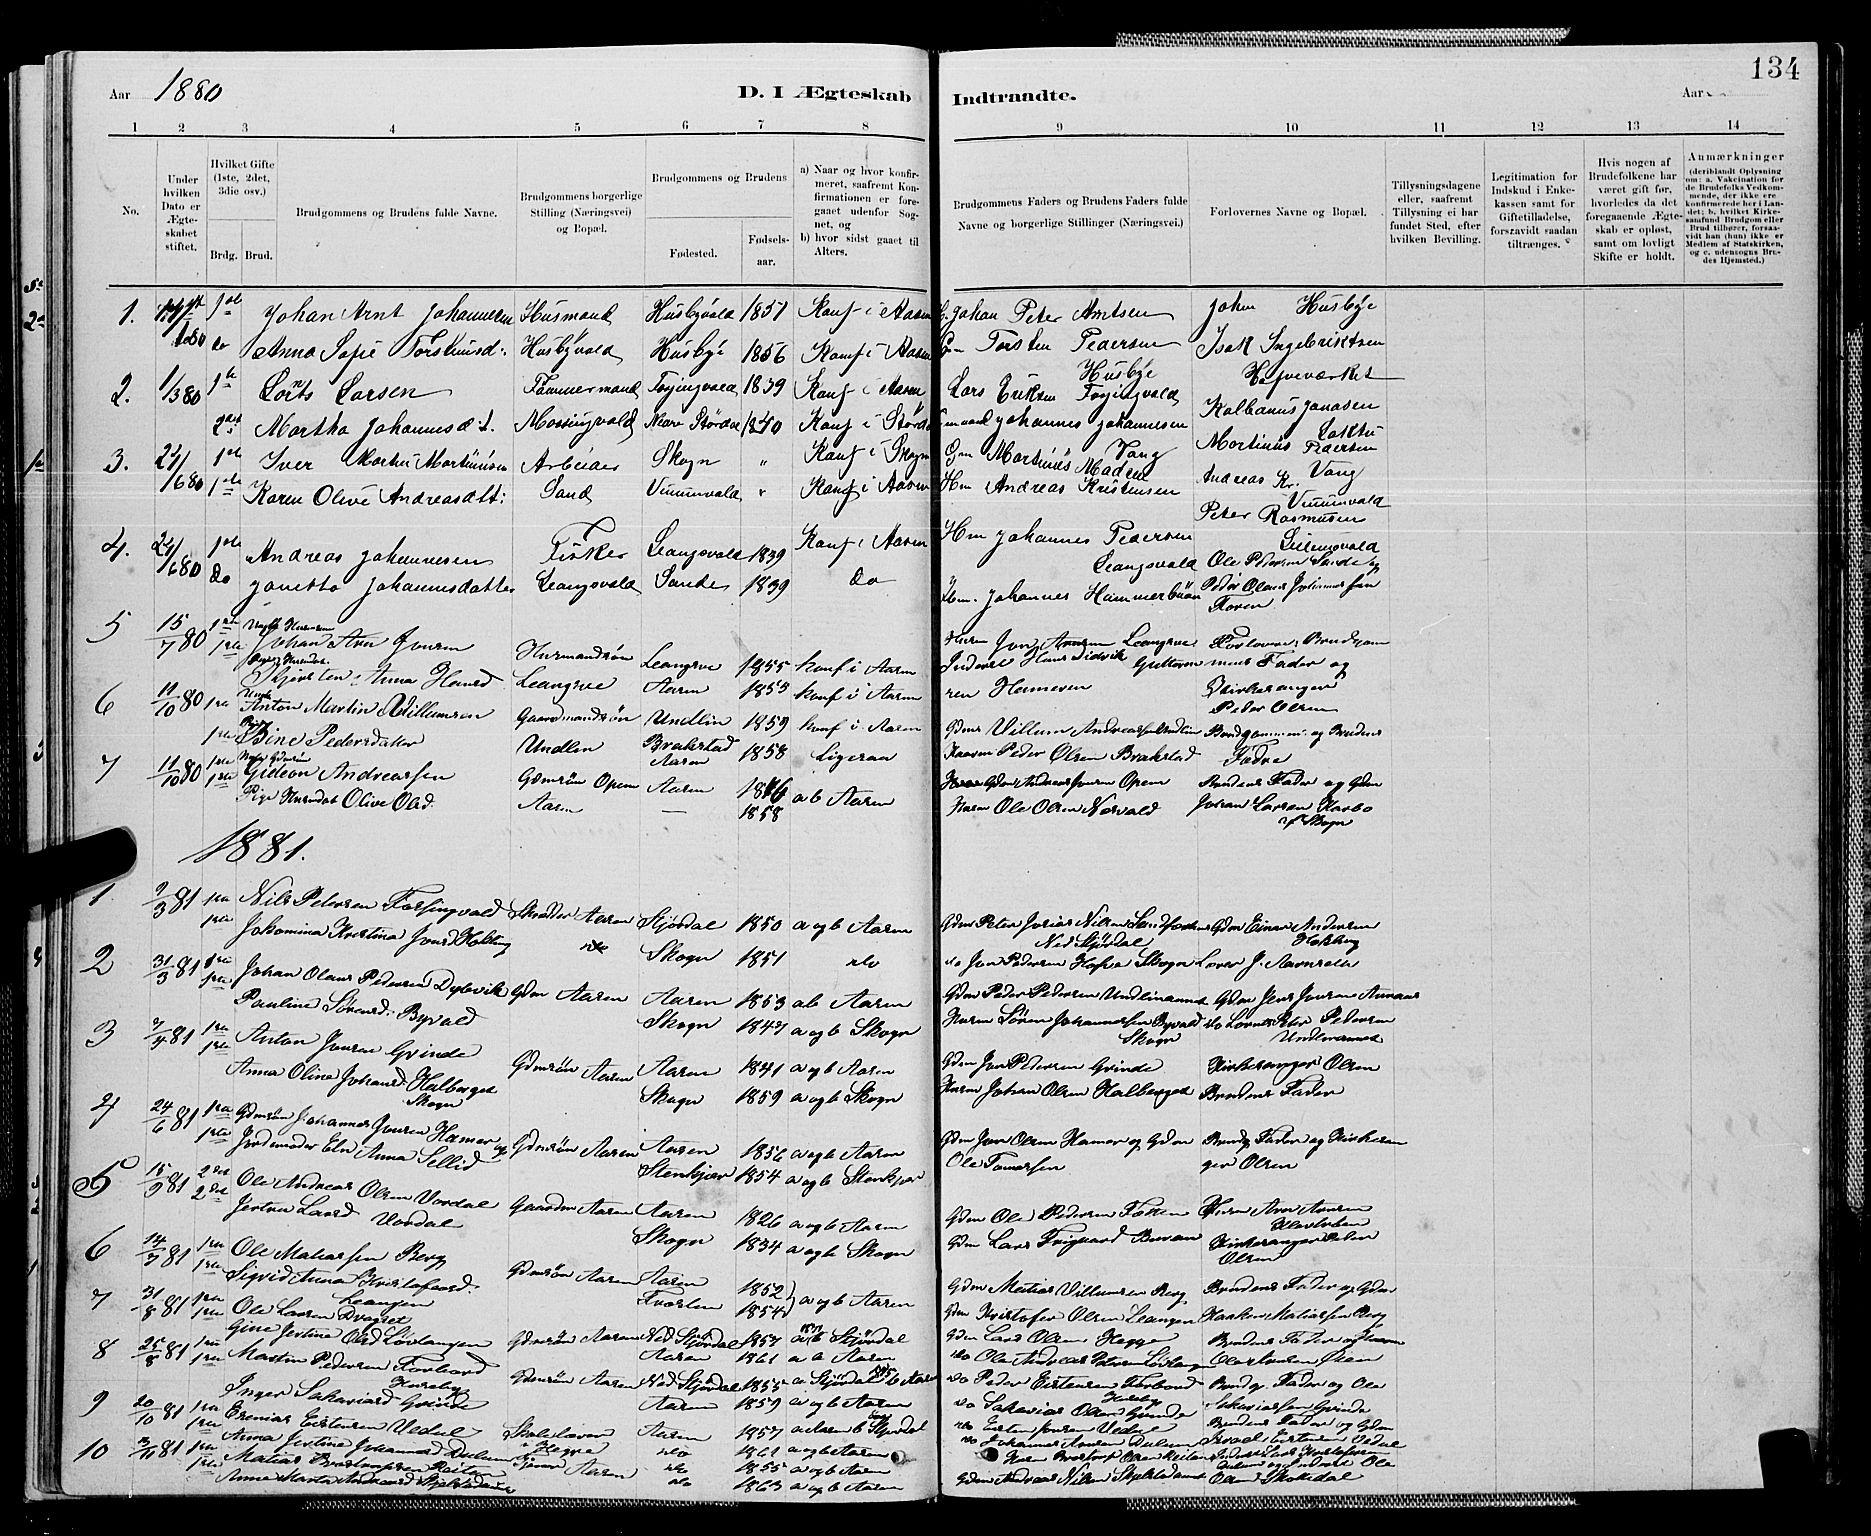 SAT, Ministerialprotokoller, klokkerbøker og fødselsregistre - Nord-Trøndelag, 714/L0134: Klokkerbok nr. 714C03, 1878-1898, s. 134